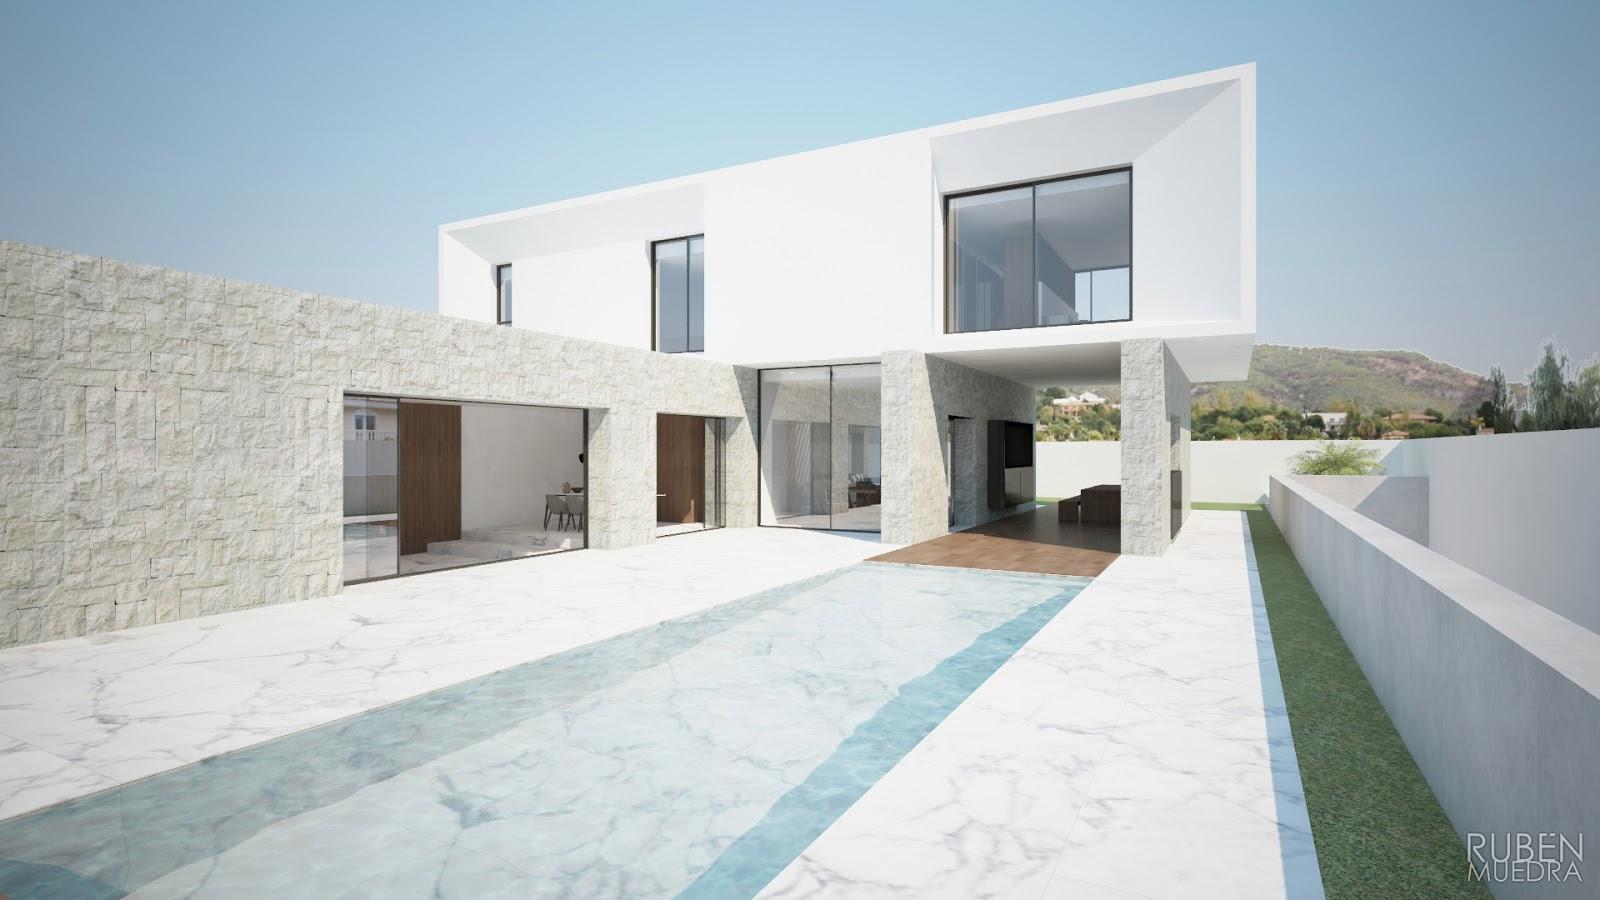 Arquitectos en alicante cool diego opazo with arquitectos - Arquitectos en alicante ...